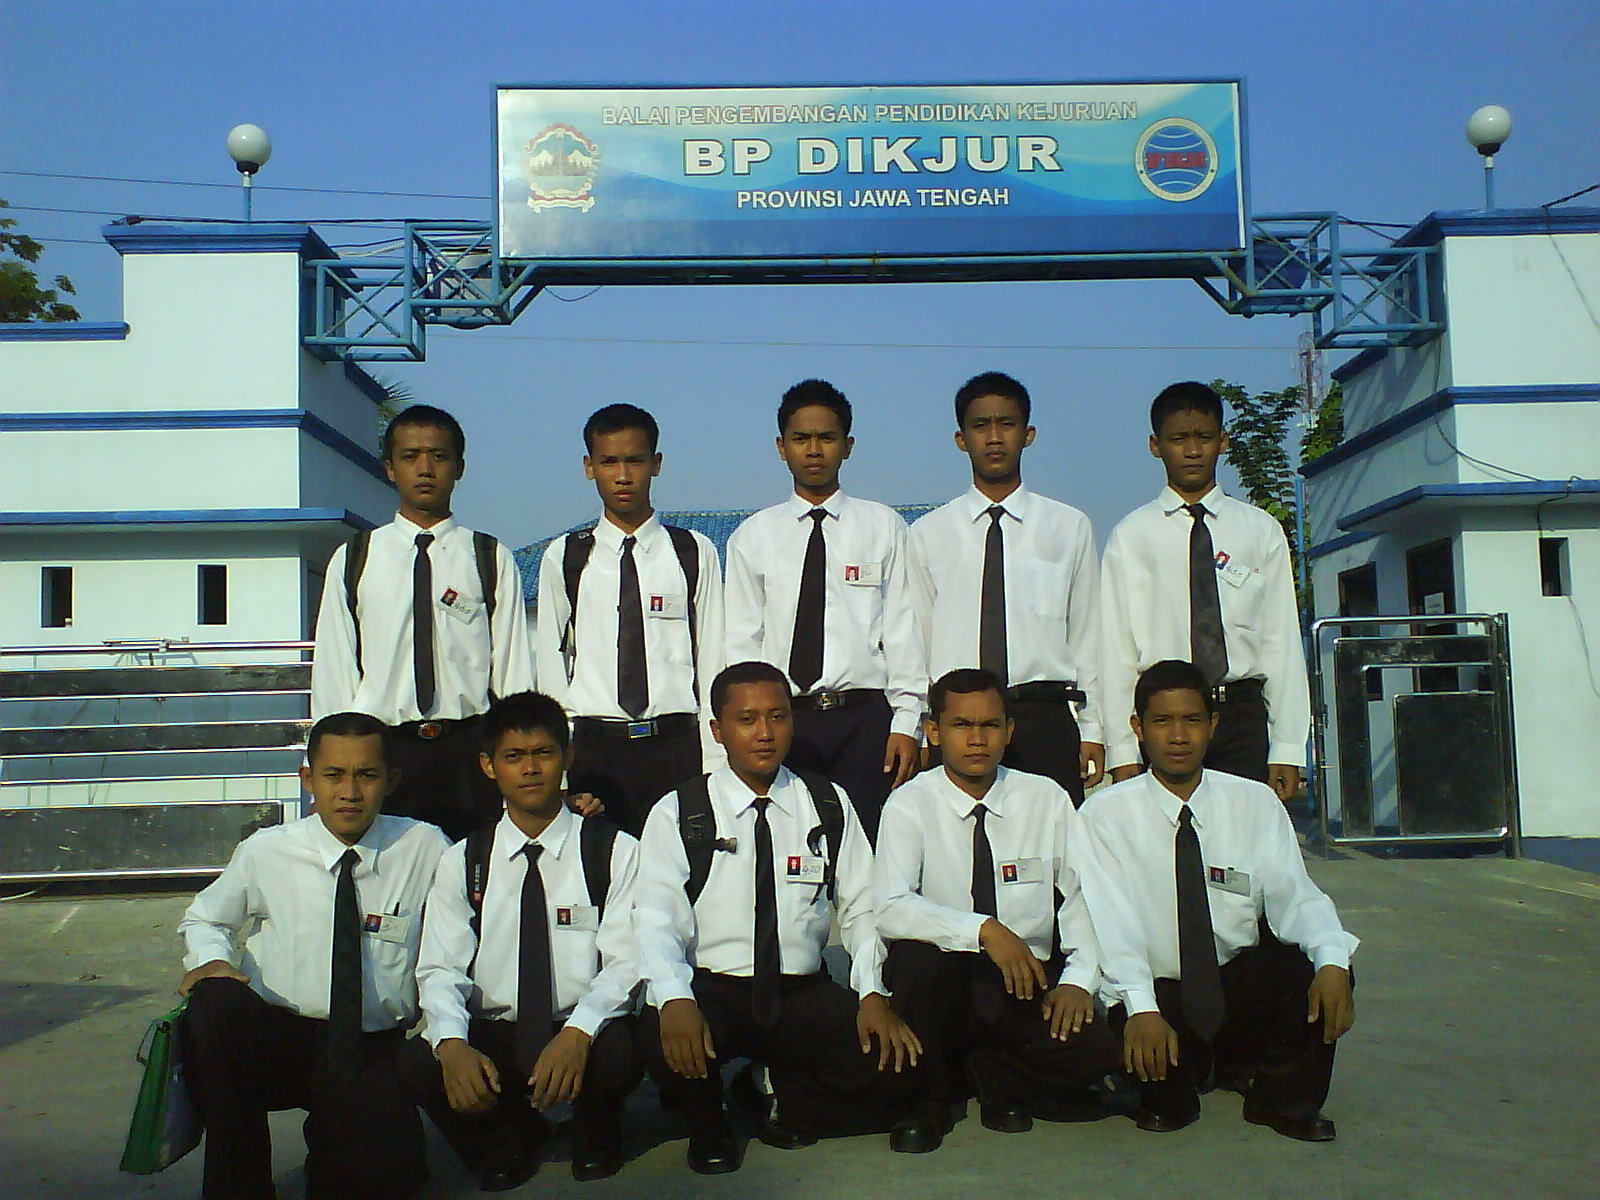 Peserta saat di BP DIKJUR Provinsi Jawa Tengah.